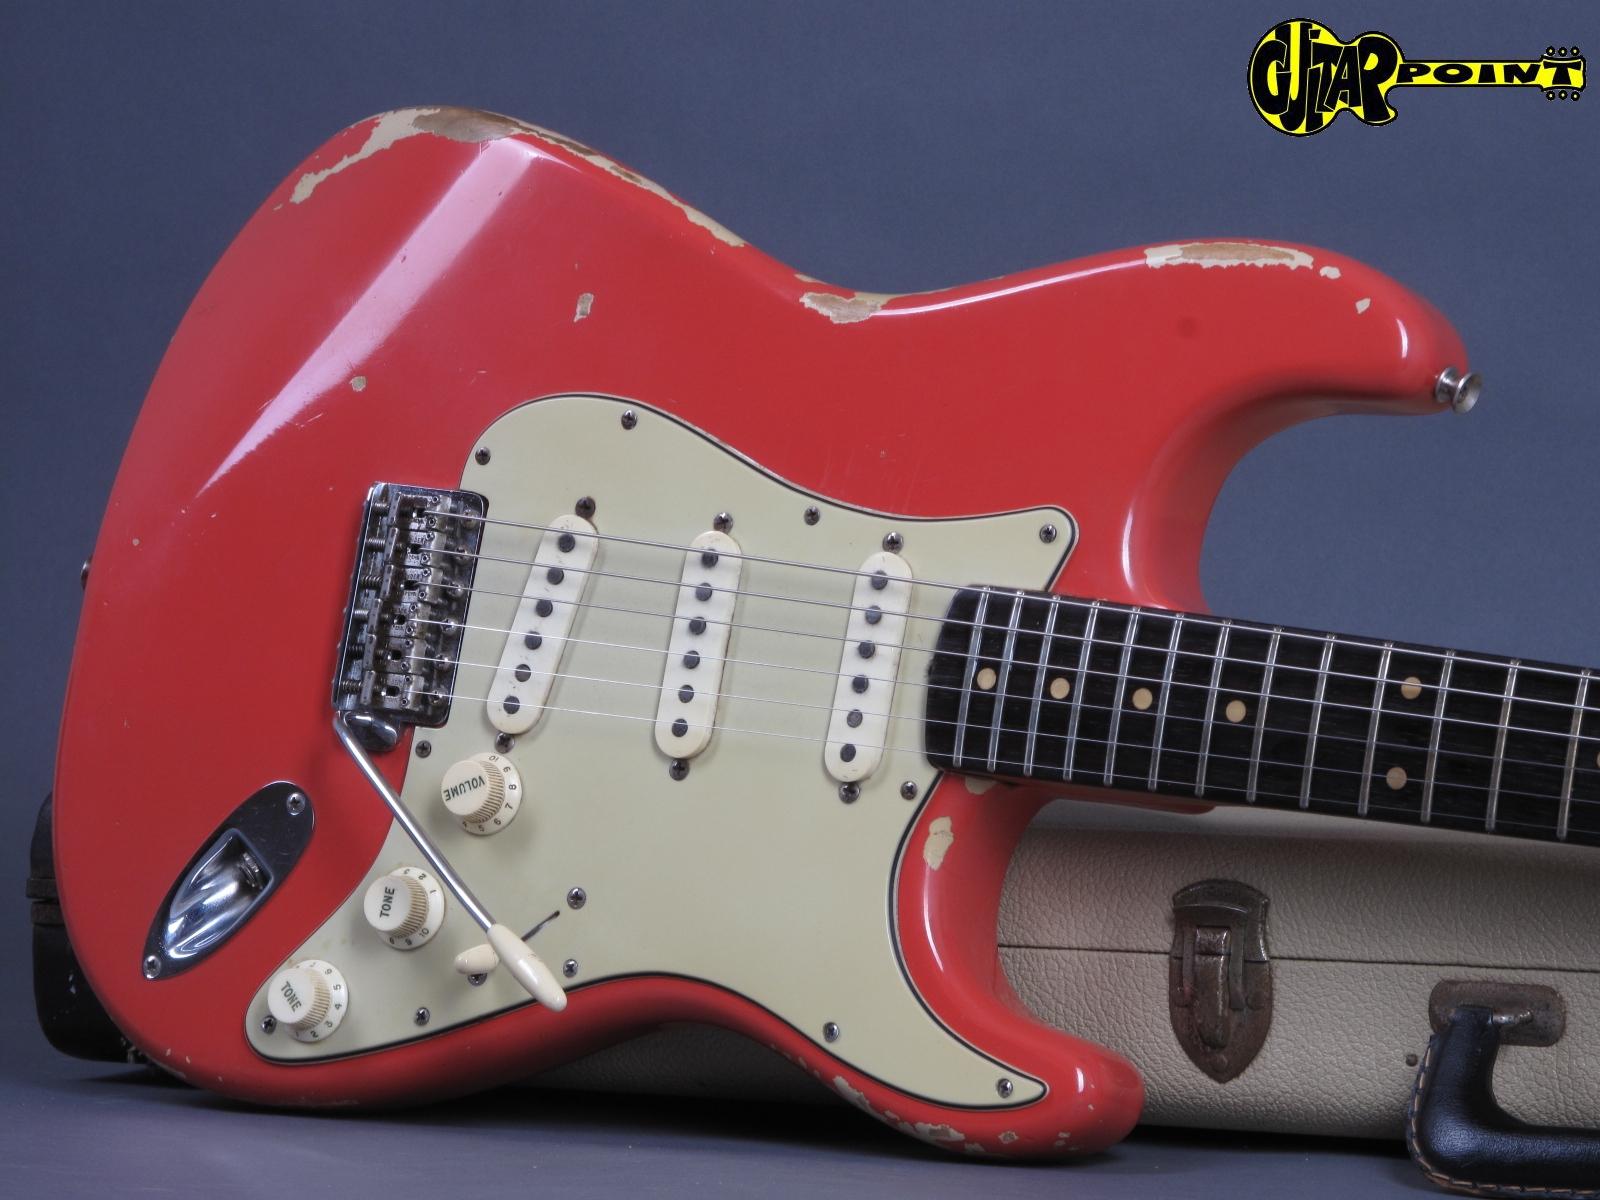 Fender Stratocaster 1963 Sunburst Guitar For Sale Twang